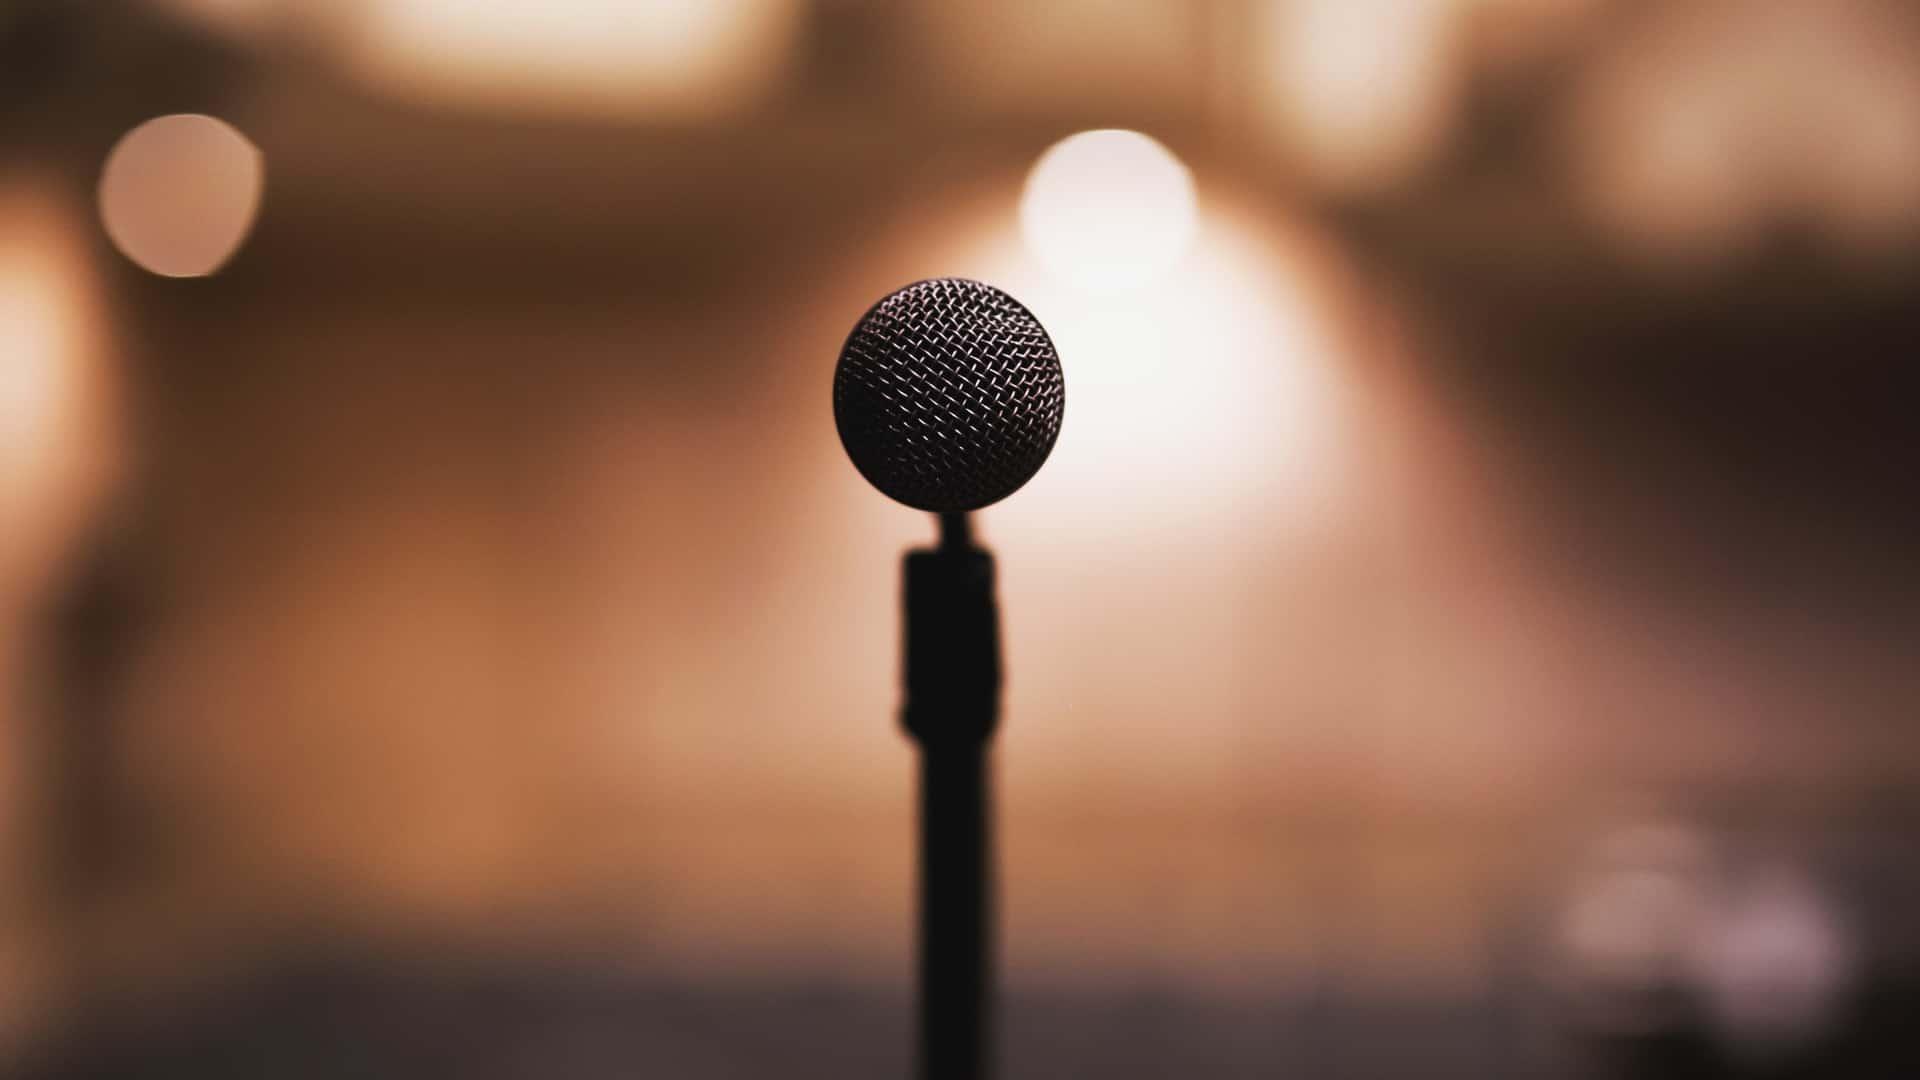 die besten tipps zum kauf und zum einsatz von einem mikrofonstativ bzw mikrofonstander findest du hier im video kompakt zusammengefasst